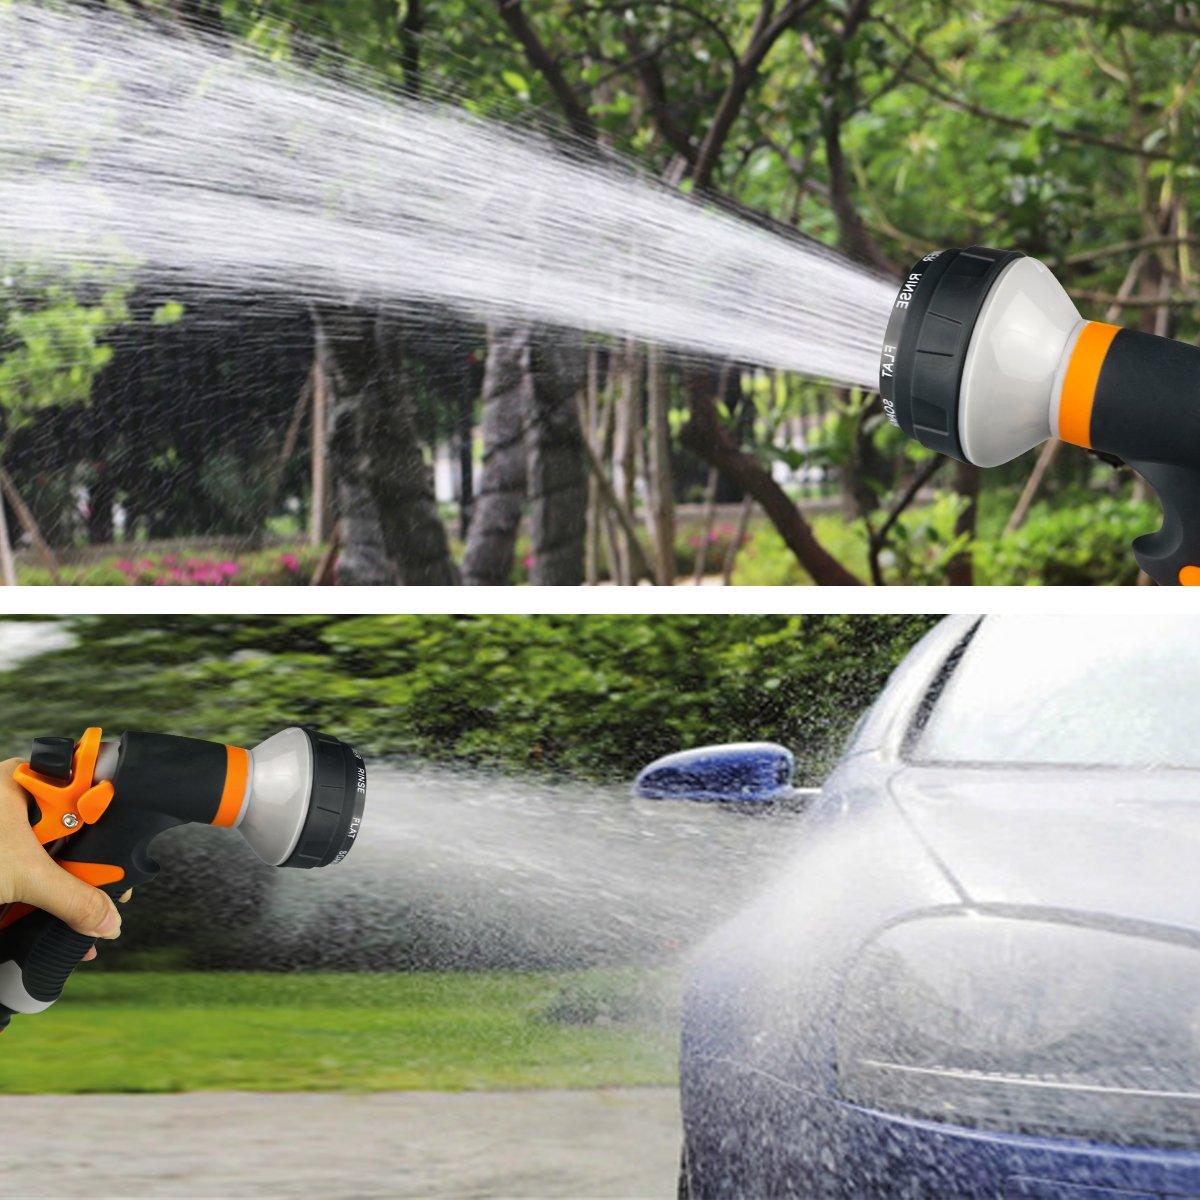 Garten Handbrause Spritze Gun-8 Sprühen Modi-Flow Control Einstellung Knauf-Multifunktionale High Druck für Auto waschen, Verstellbarer Wasserdurchfluss Robust und Leistungsstark für Garten Bewässerung, Autowäsche und Haustiereduschen